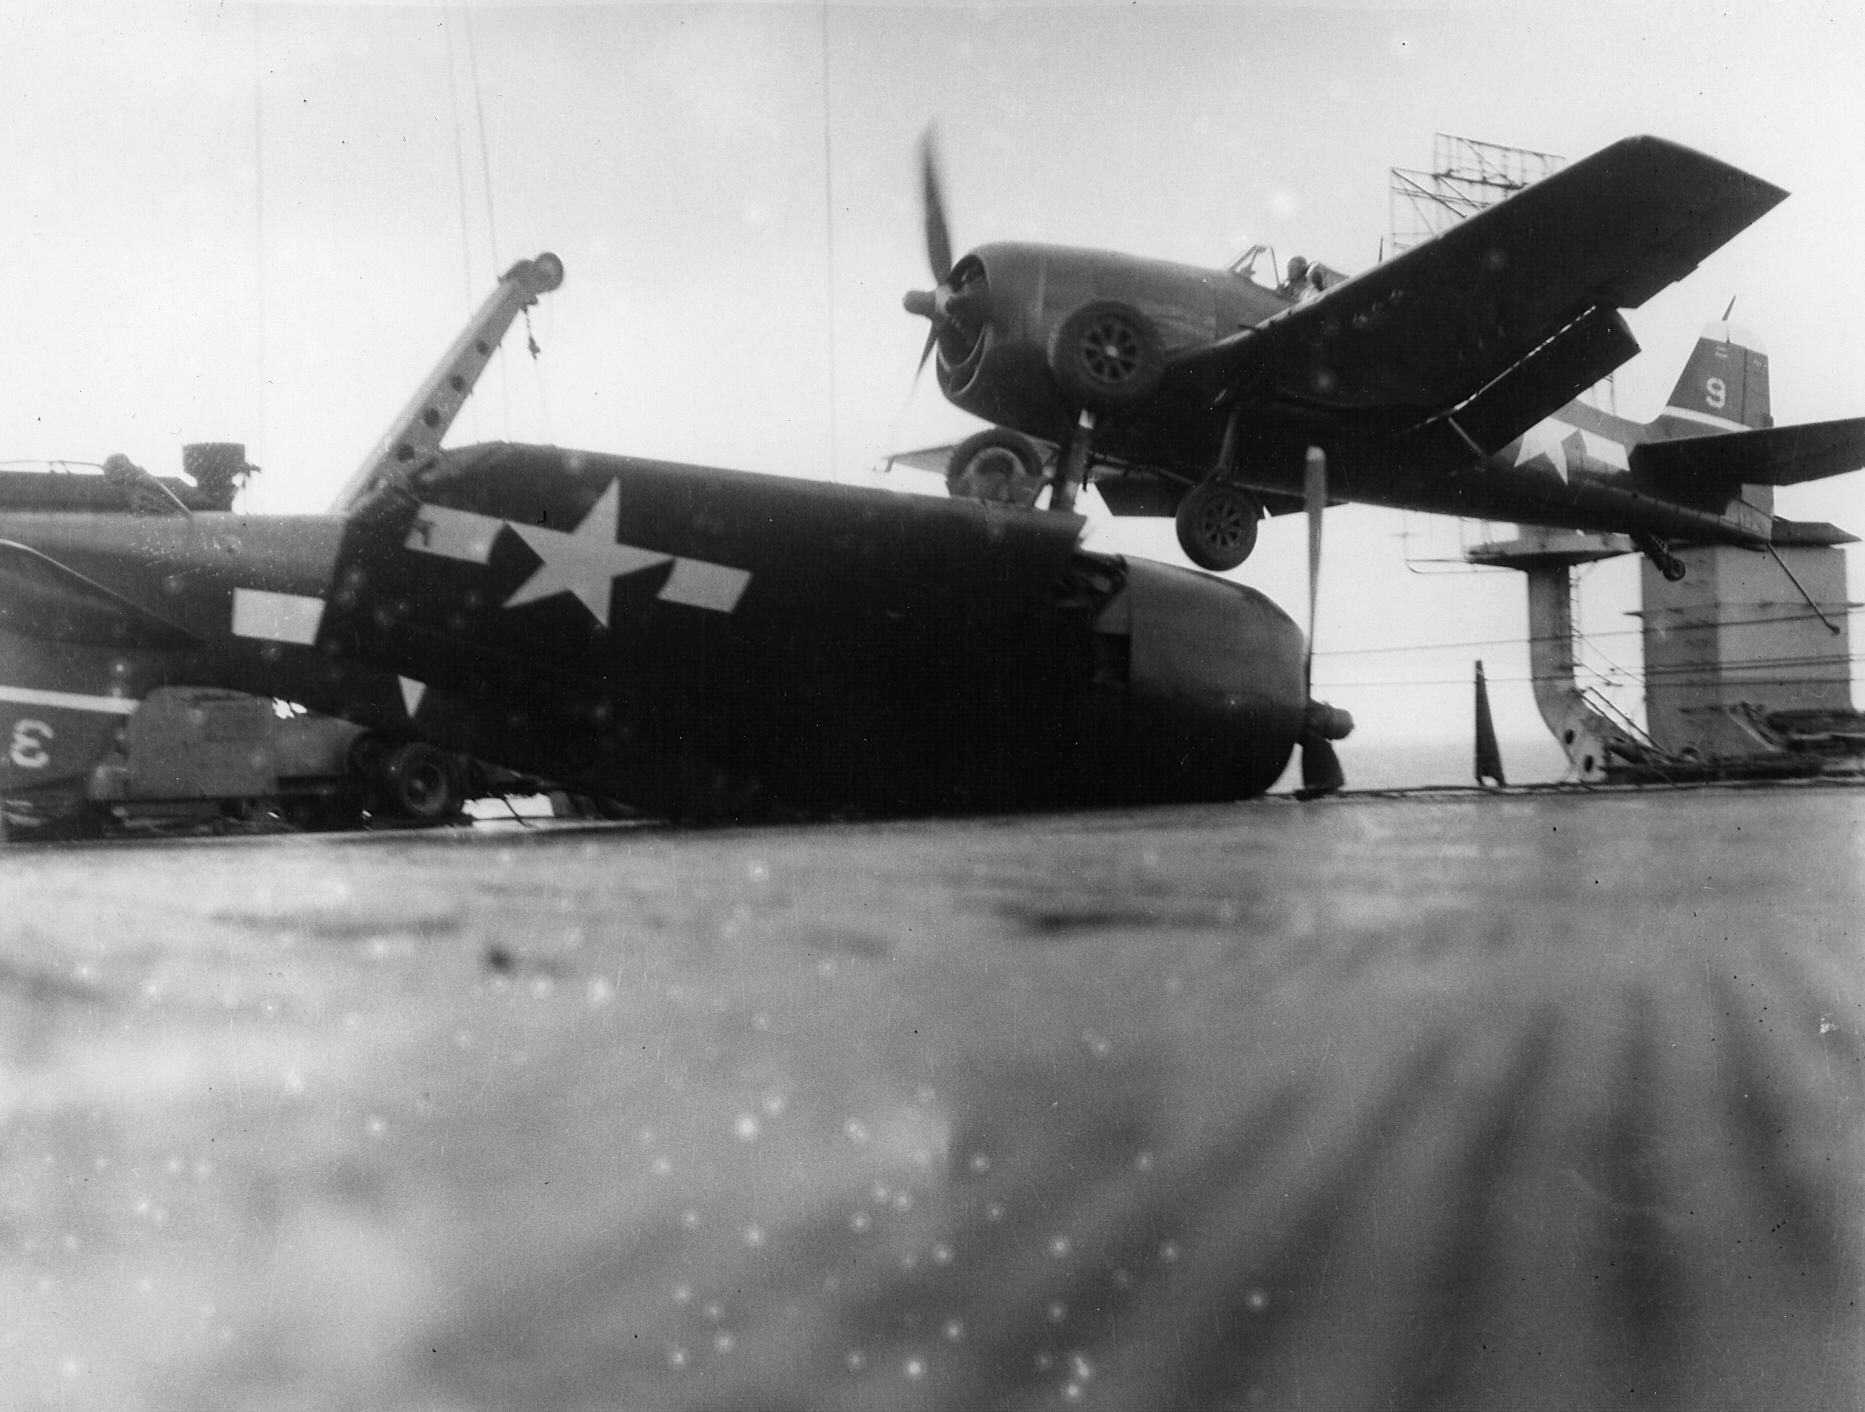 Grumman F6F 5 Hellcat VF 22 landing mishap CVL 25 USS Cowpens 1944 01